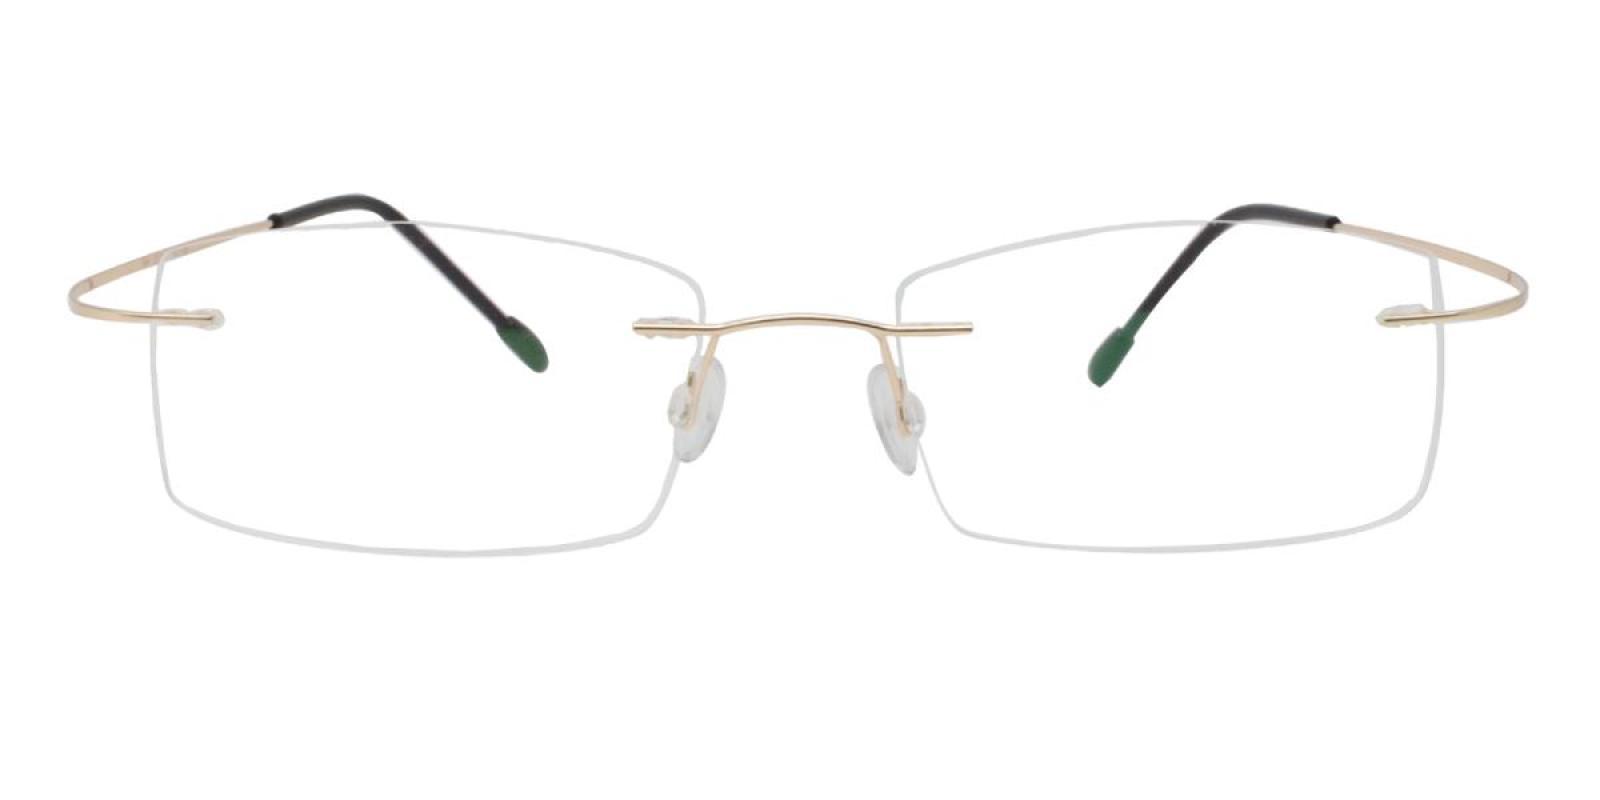 Slimly-Gold-Varieties-Memory / Metal-Eyeglasses-additional2